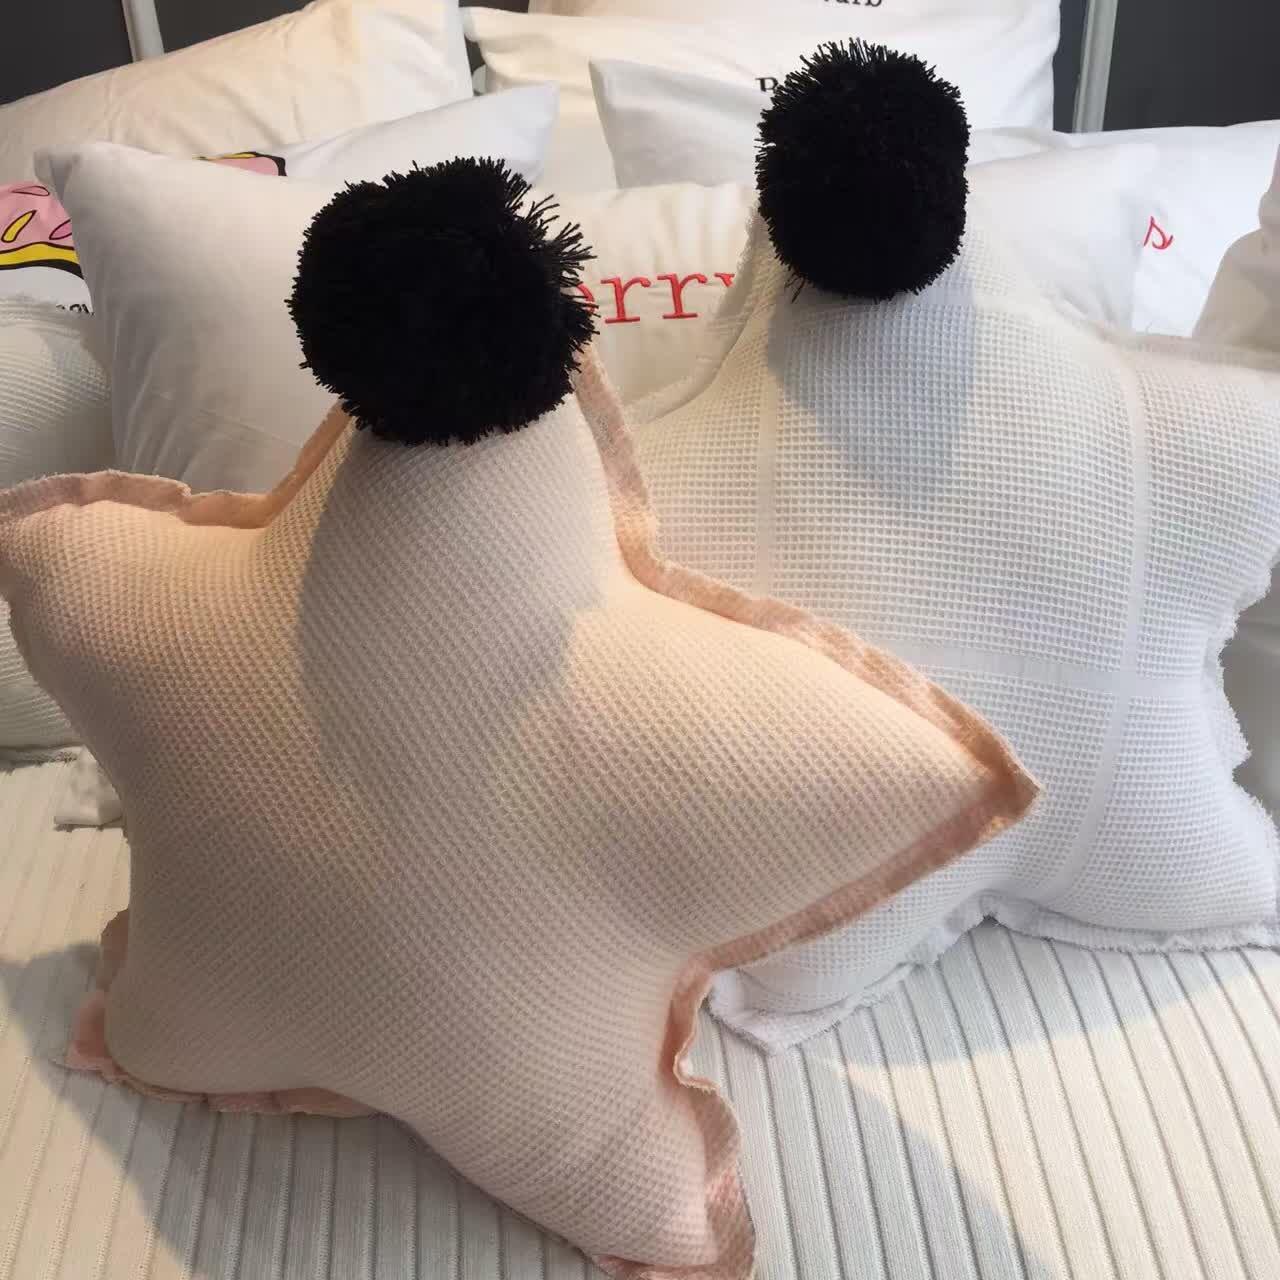 北欧風児童抱き枕抱き枕枕綿星毛玉背もたれパッドお部屋のインテリア撮影道具